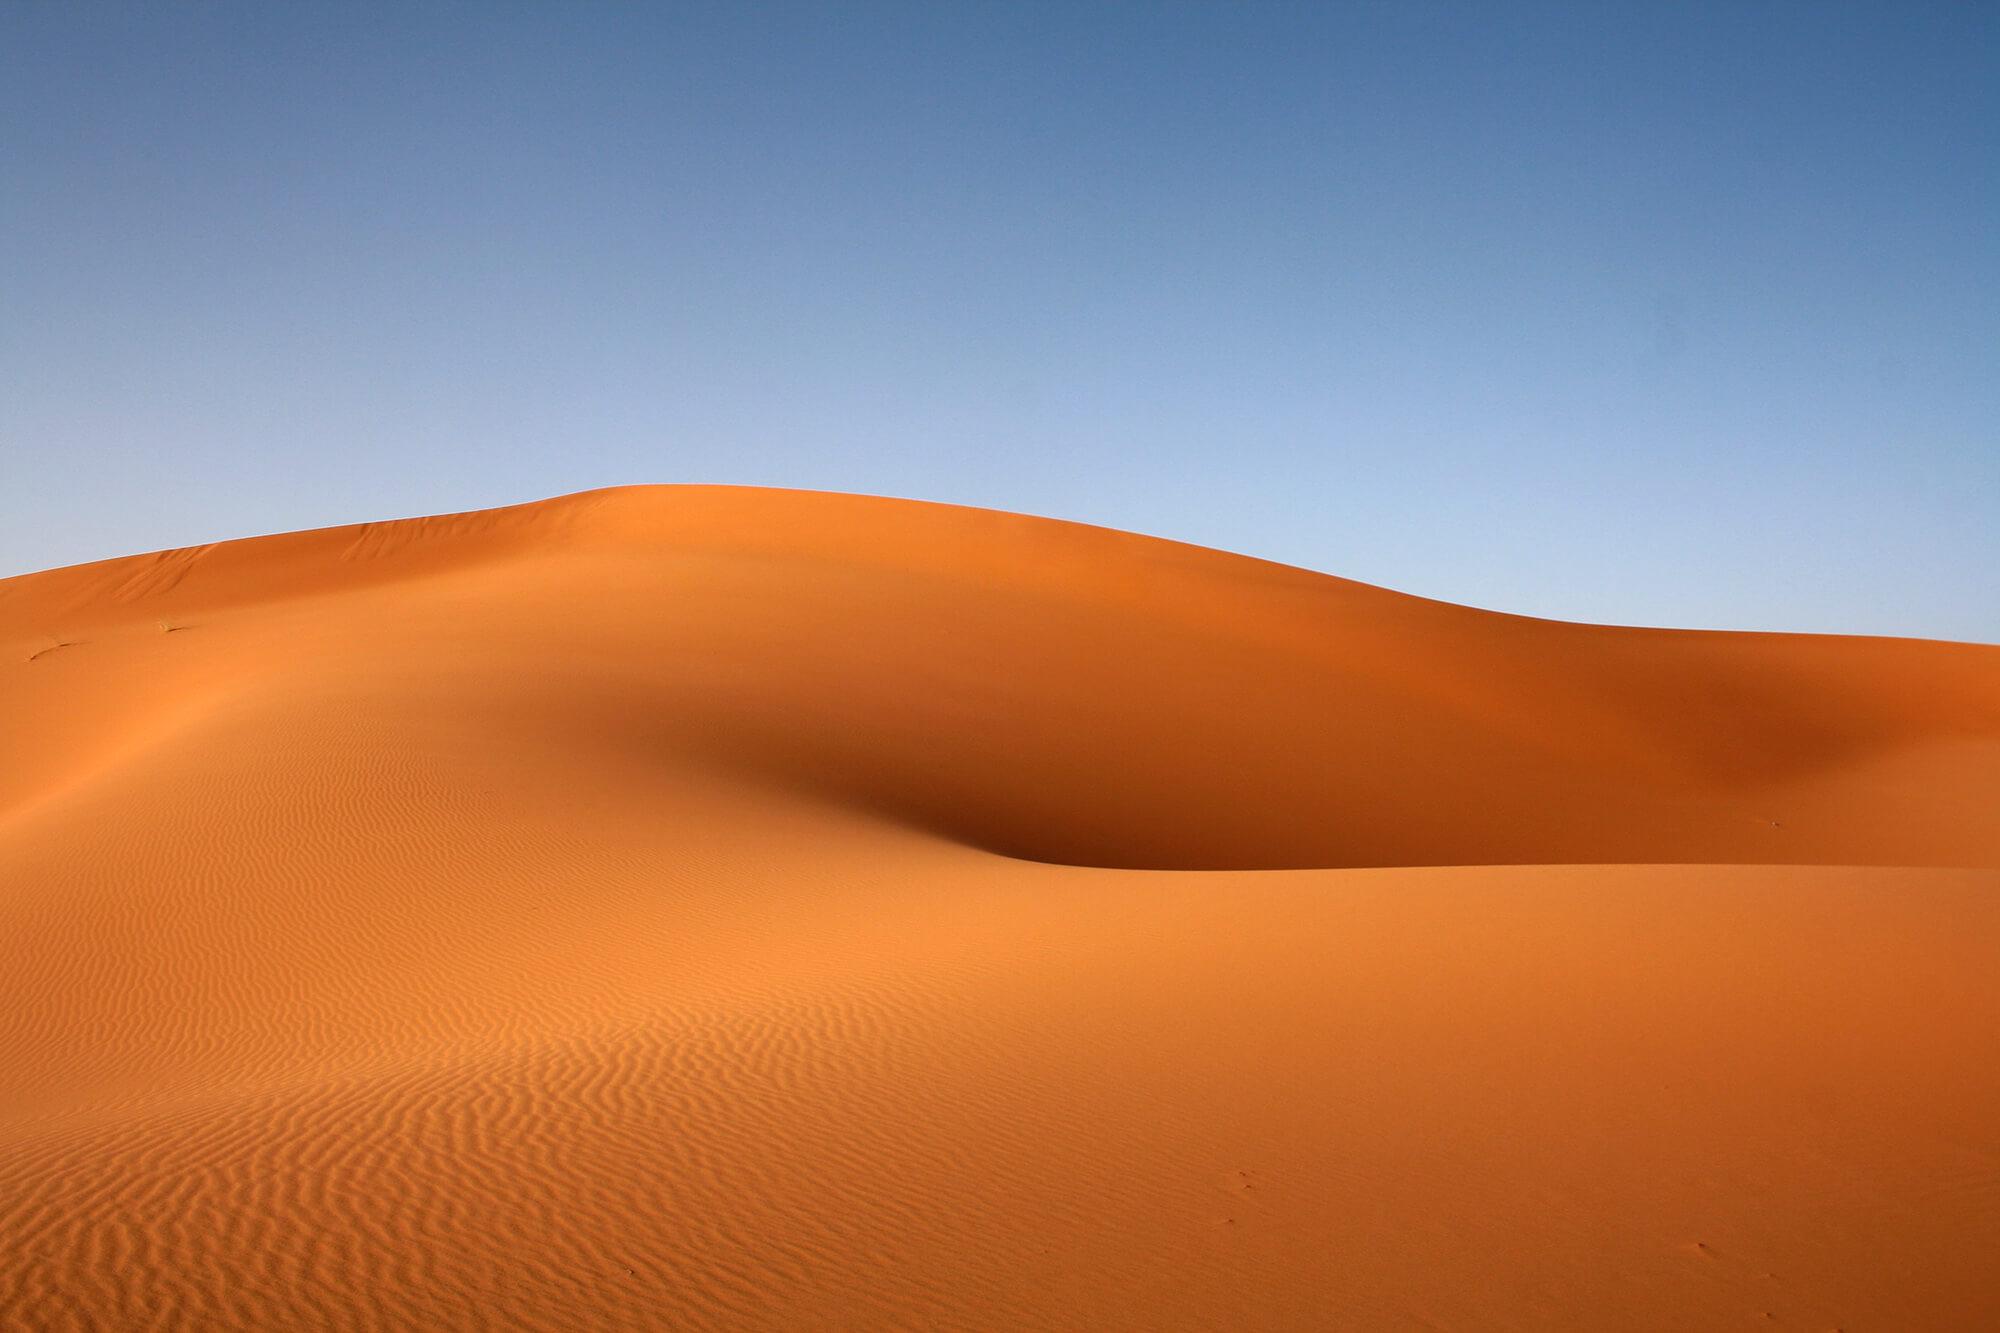 Sahara Desert Tour - Deserts of Morocco - Merzouga Desert